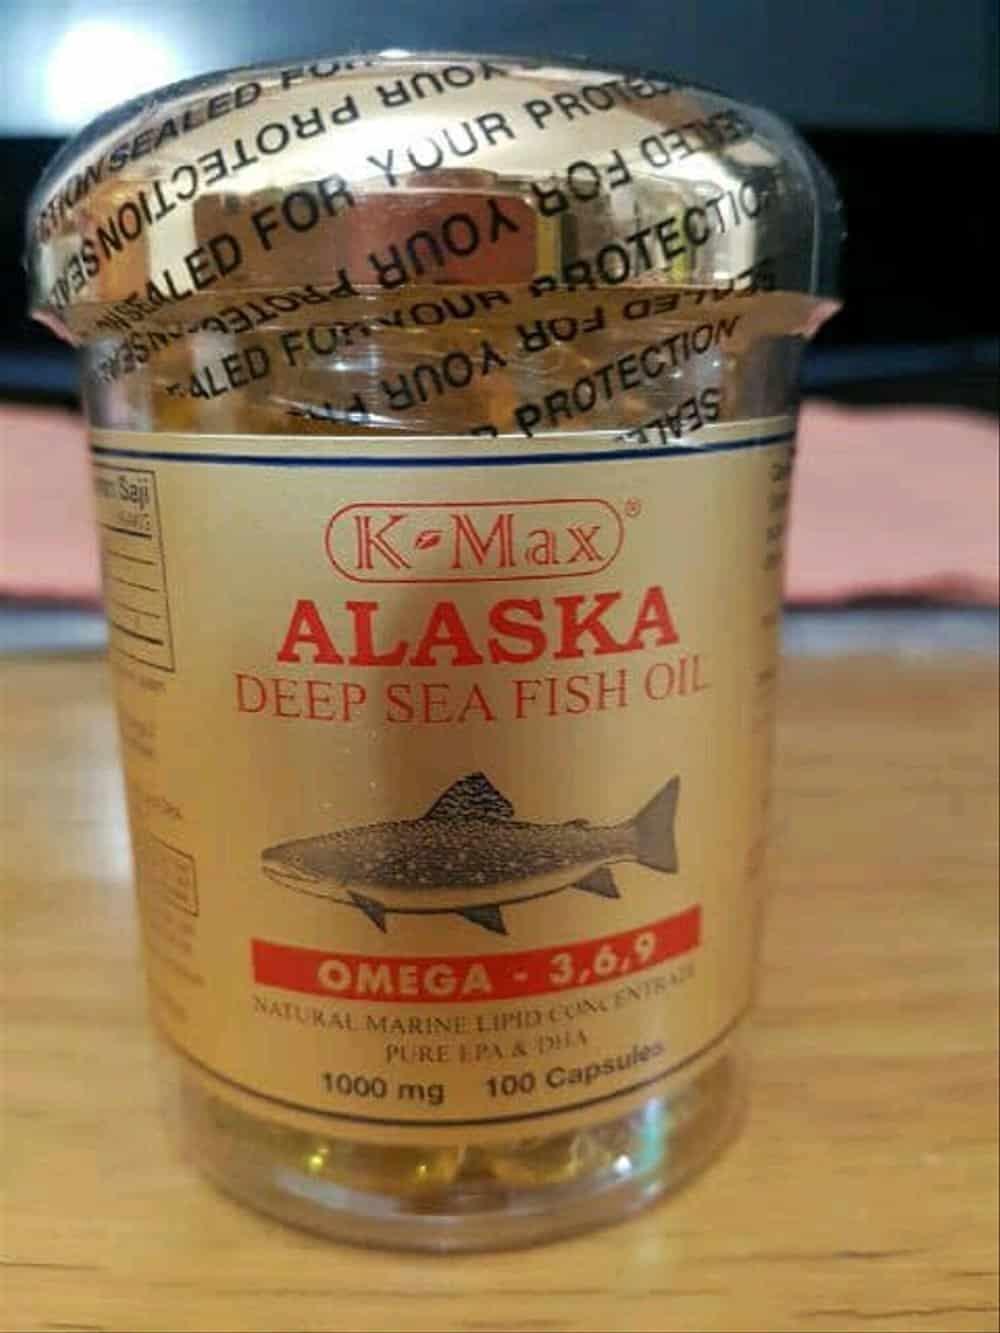 2. K-Max Golden Alaska